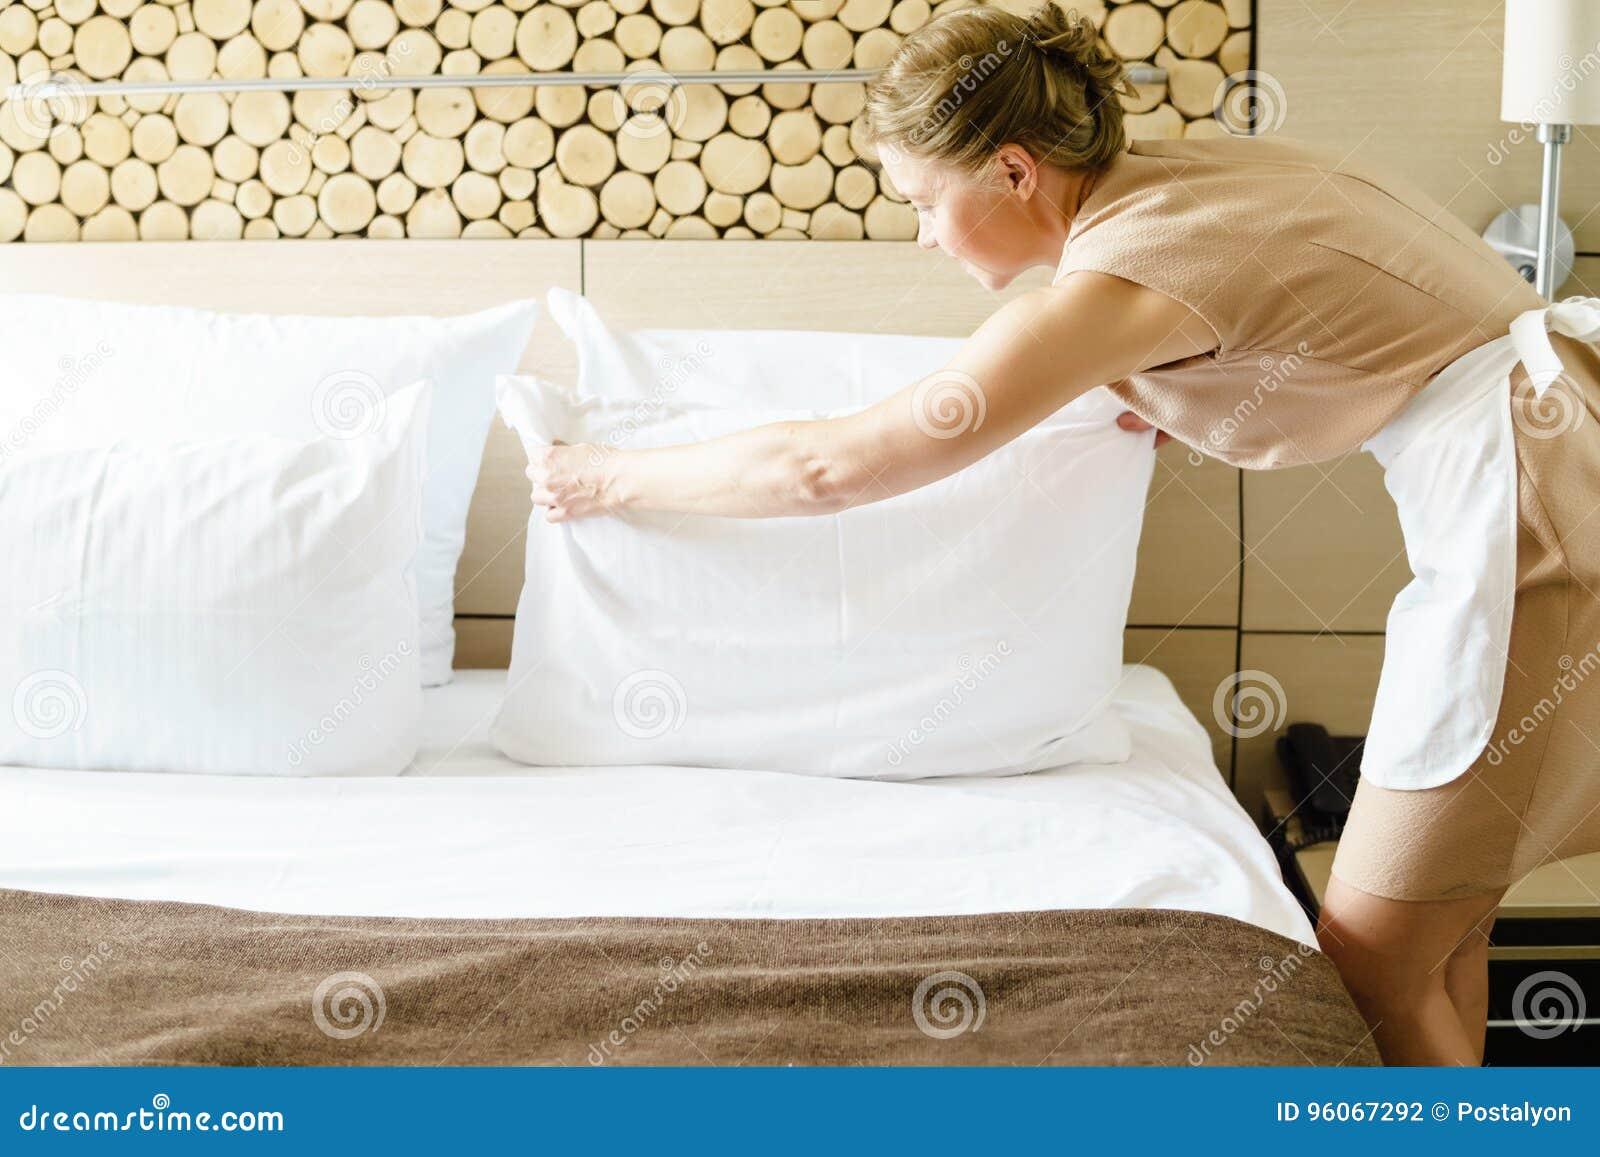 Femme de chambre faisant un lit dans une chambre d 39 h tel - Femmes de chambre synonyme ...